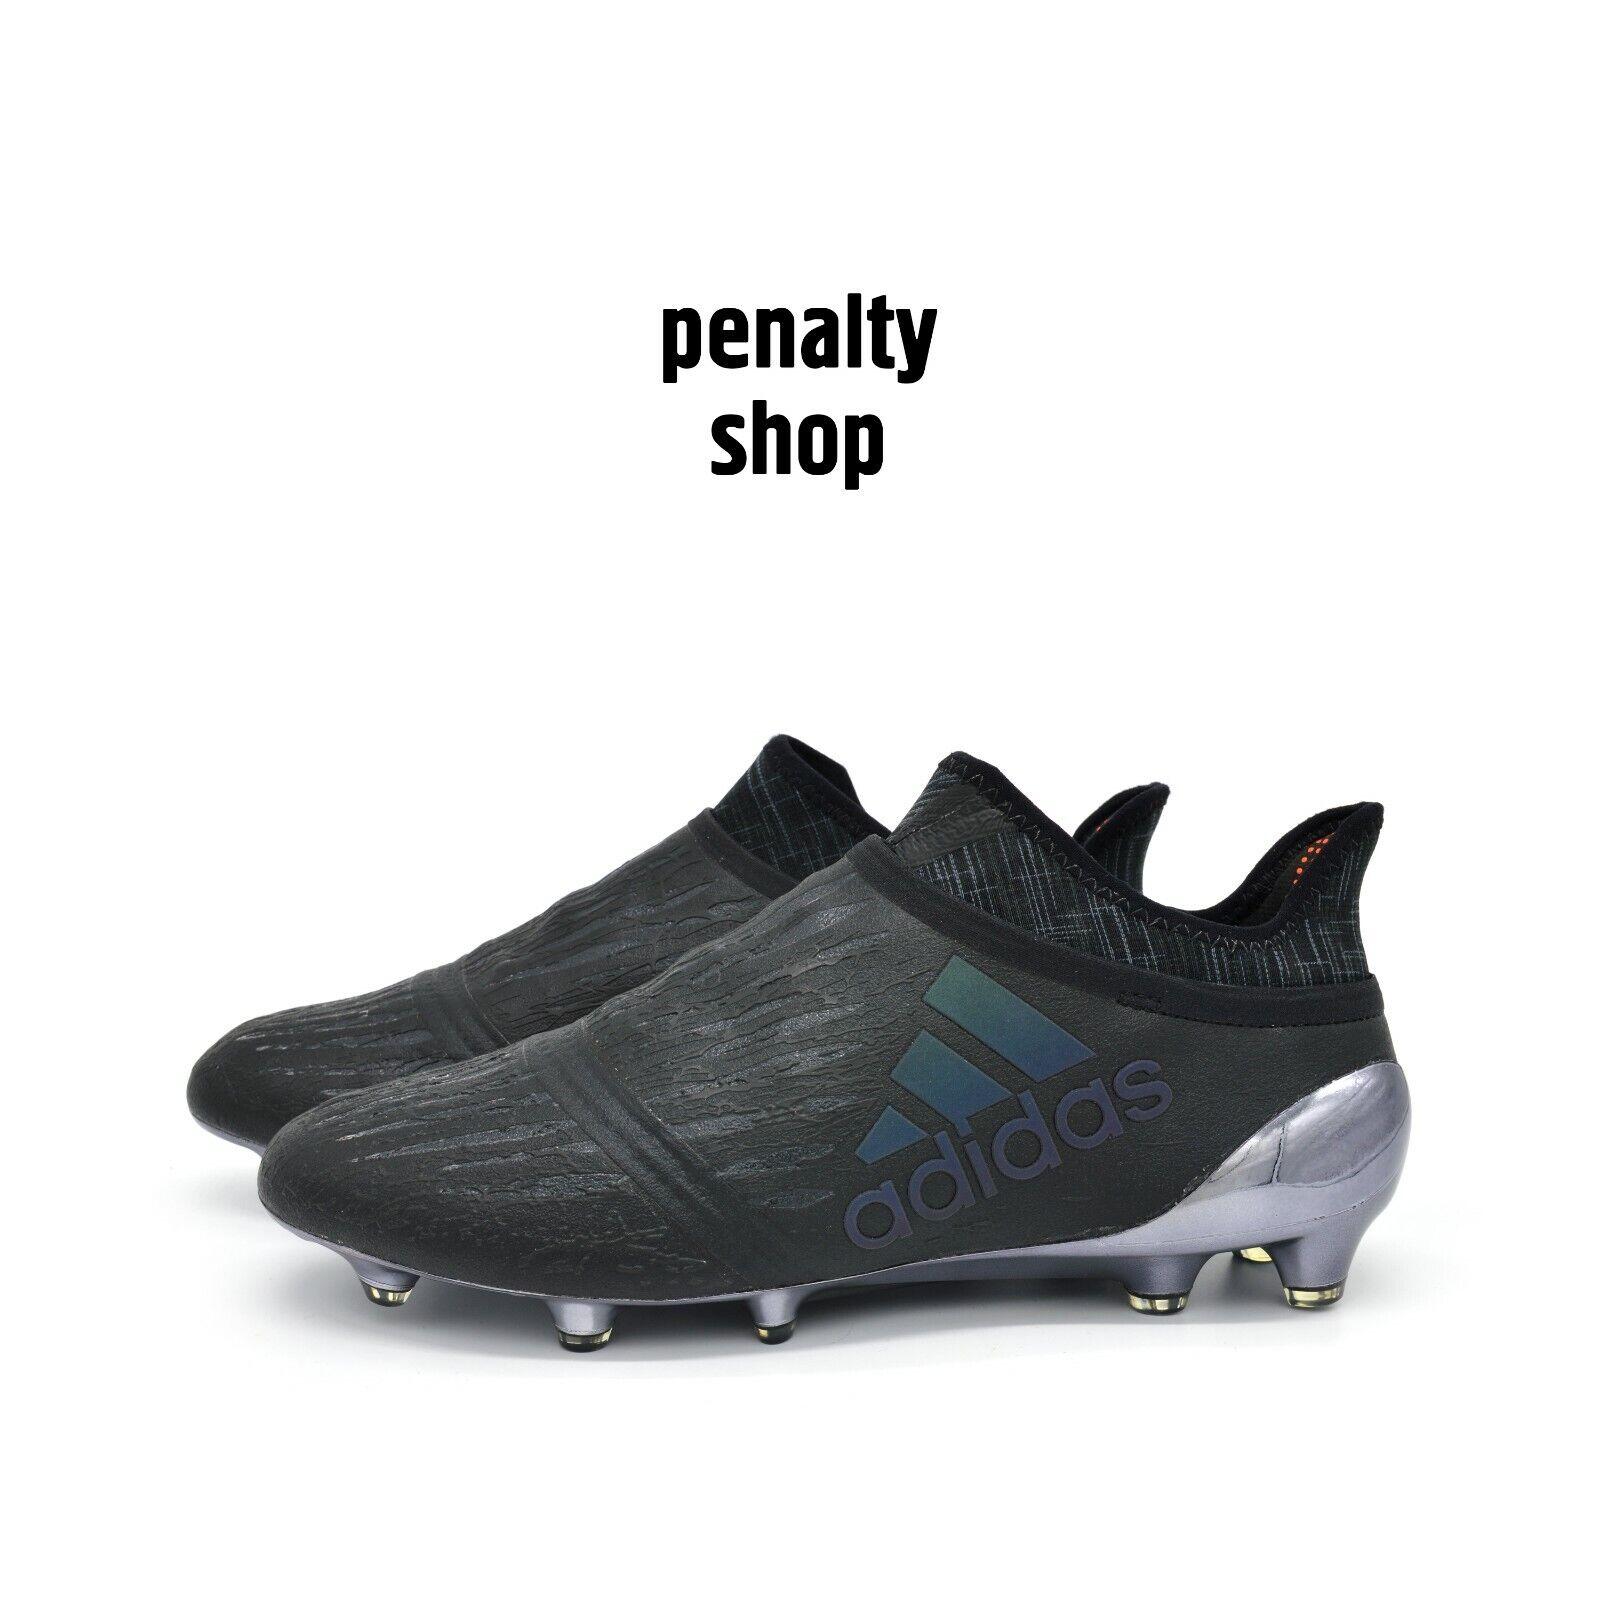 Adidas X 16+ purechaos FG S79514 apagón Rara Edición Limitada